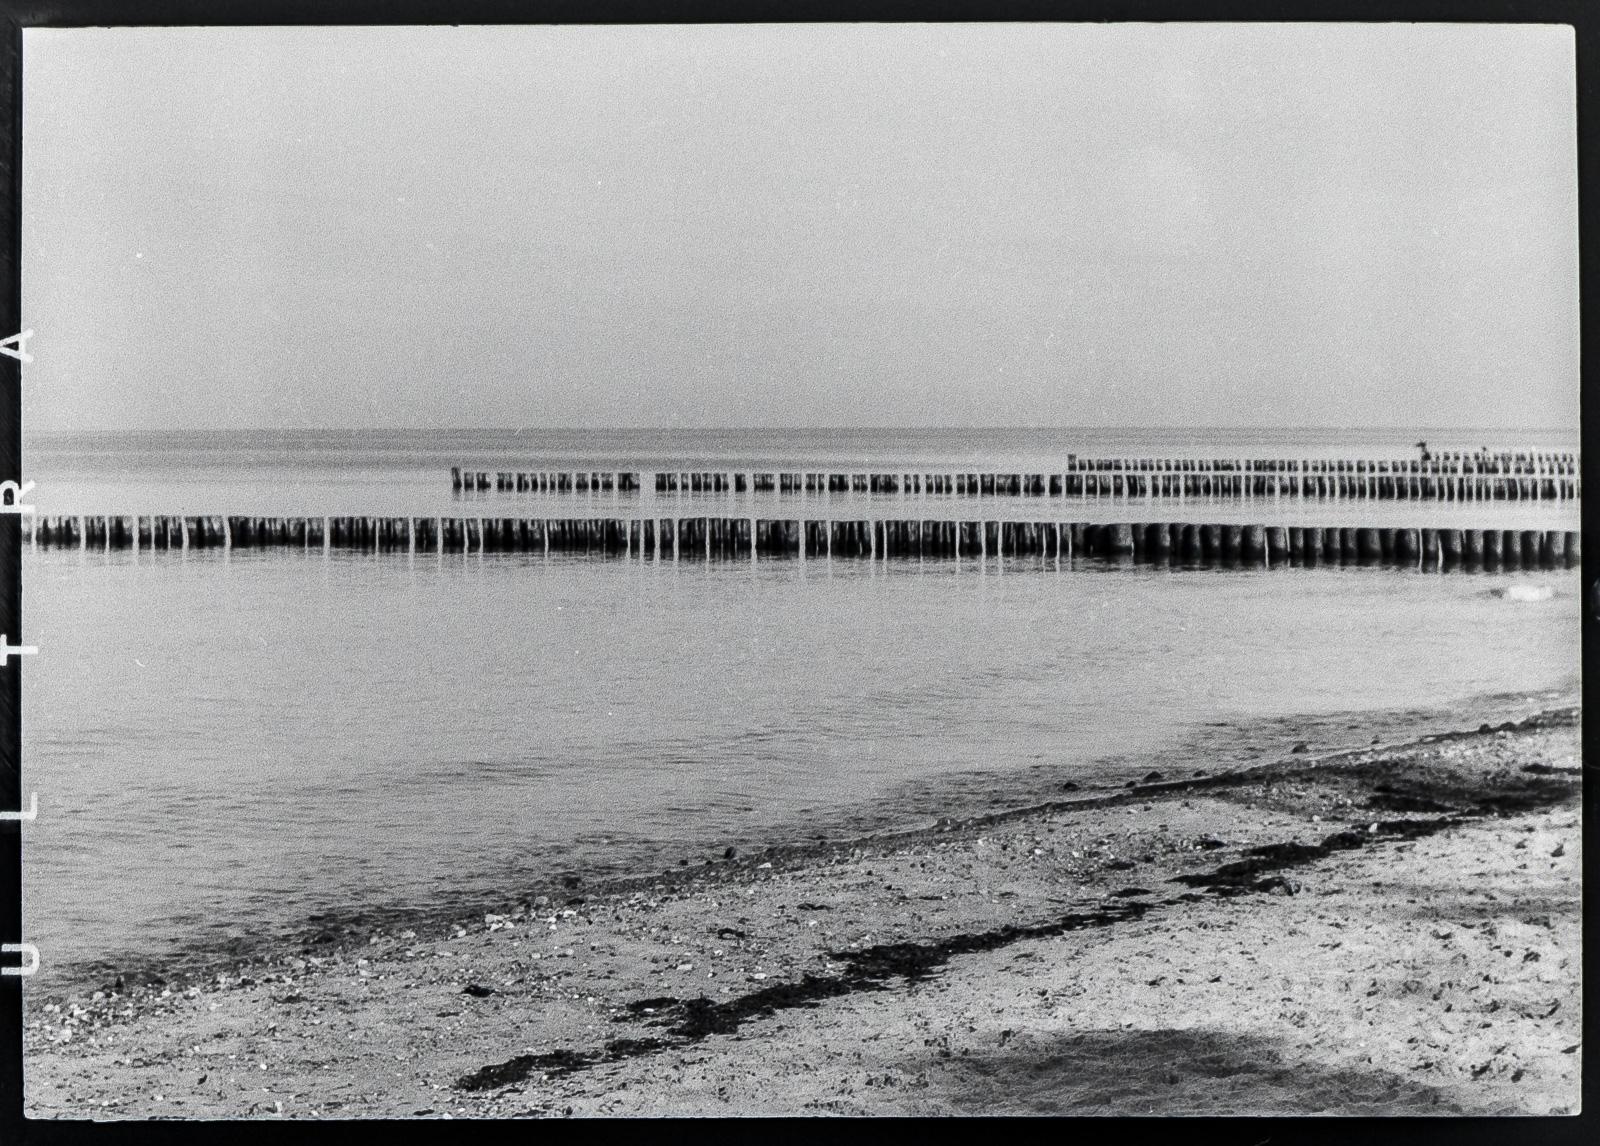 Fischland, Strand, Buhnenreihen